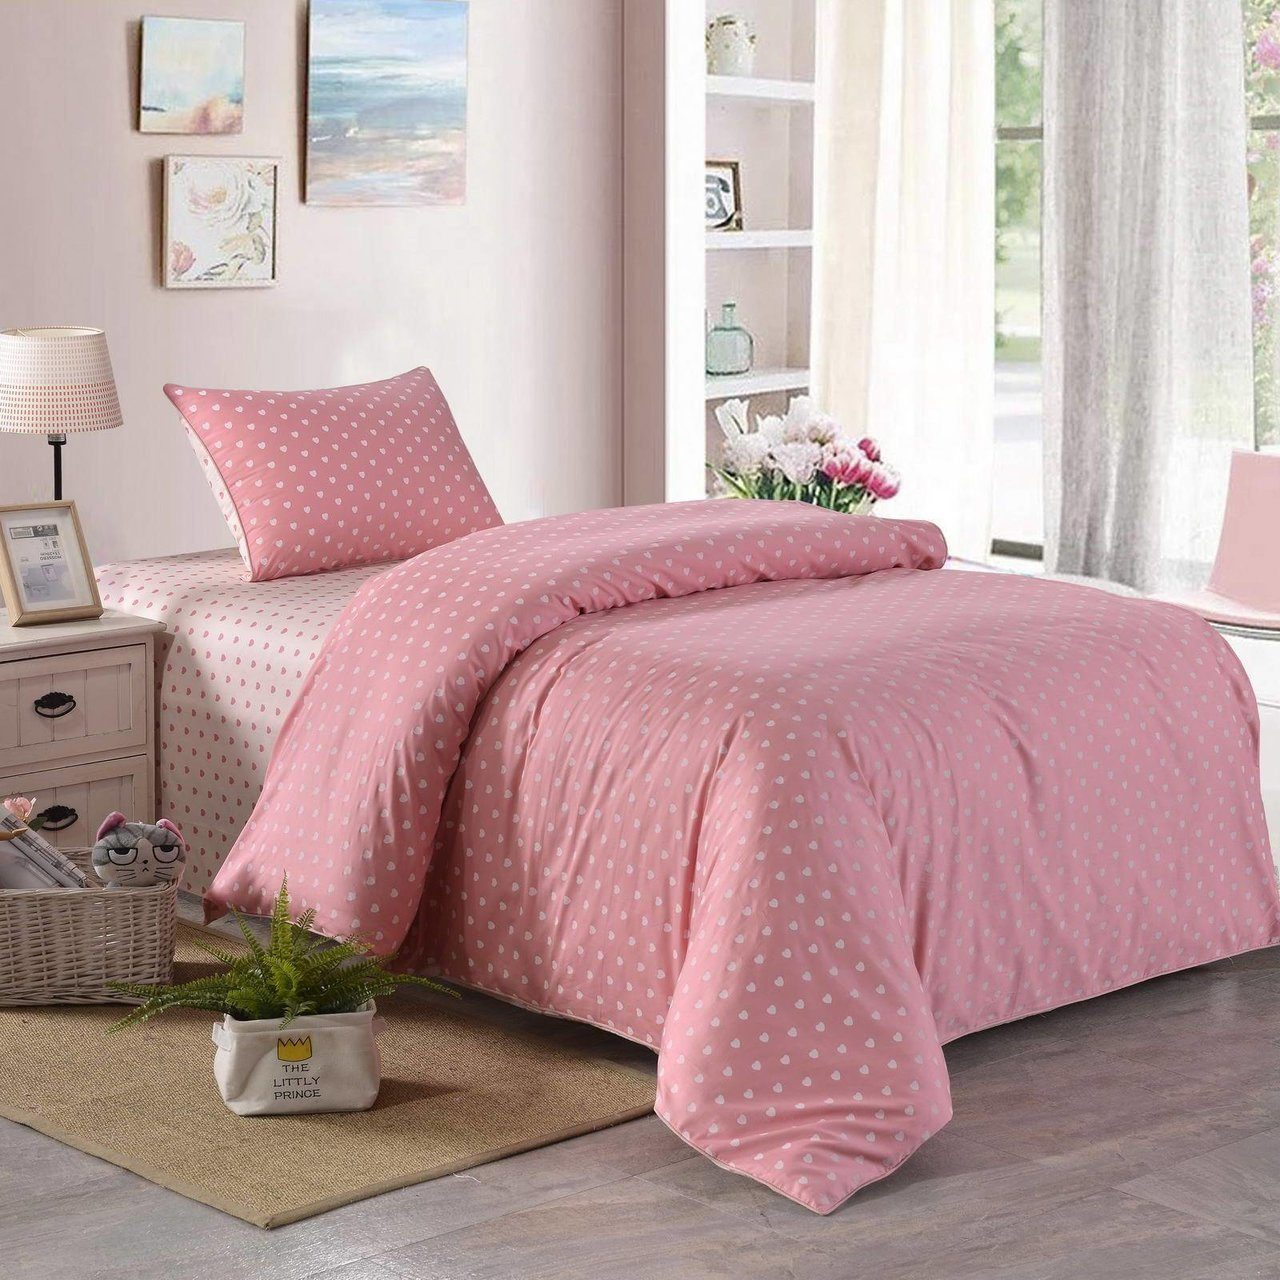 Купить Комплект постельного белья Монклер, детский, цвет: розовый, Sofi dе Marko,